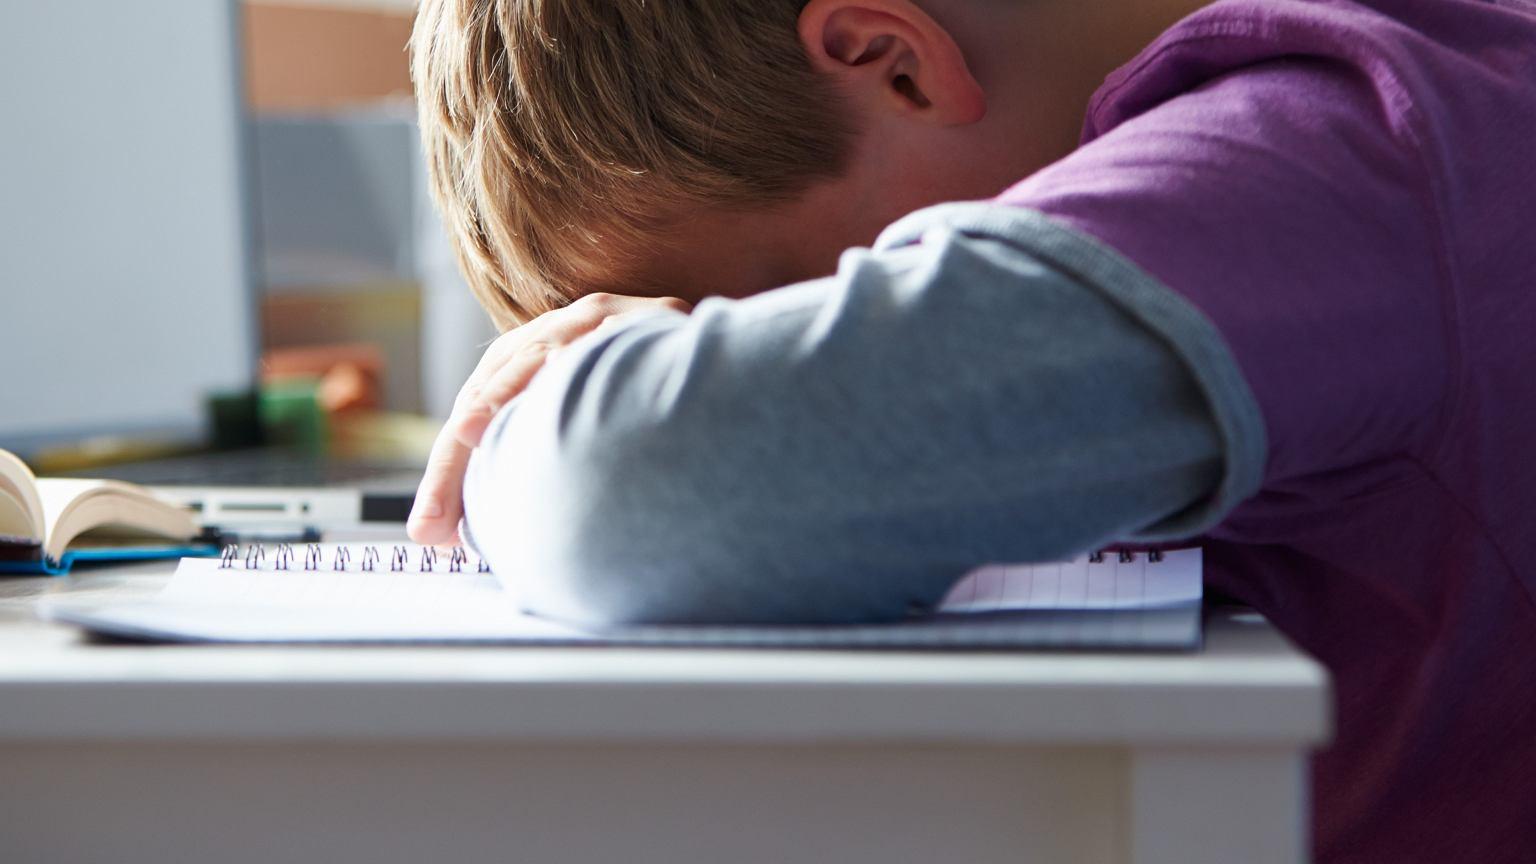 Dzieci i nastolatki trafiają dziś do specjalistów w fazie ostrego psychicznego kryzysu